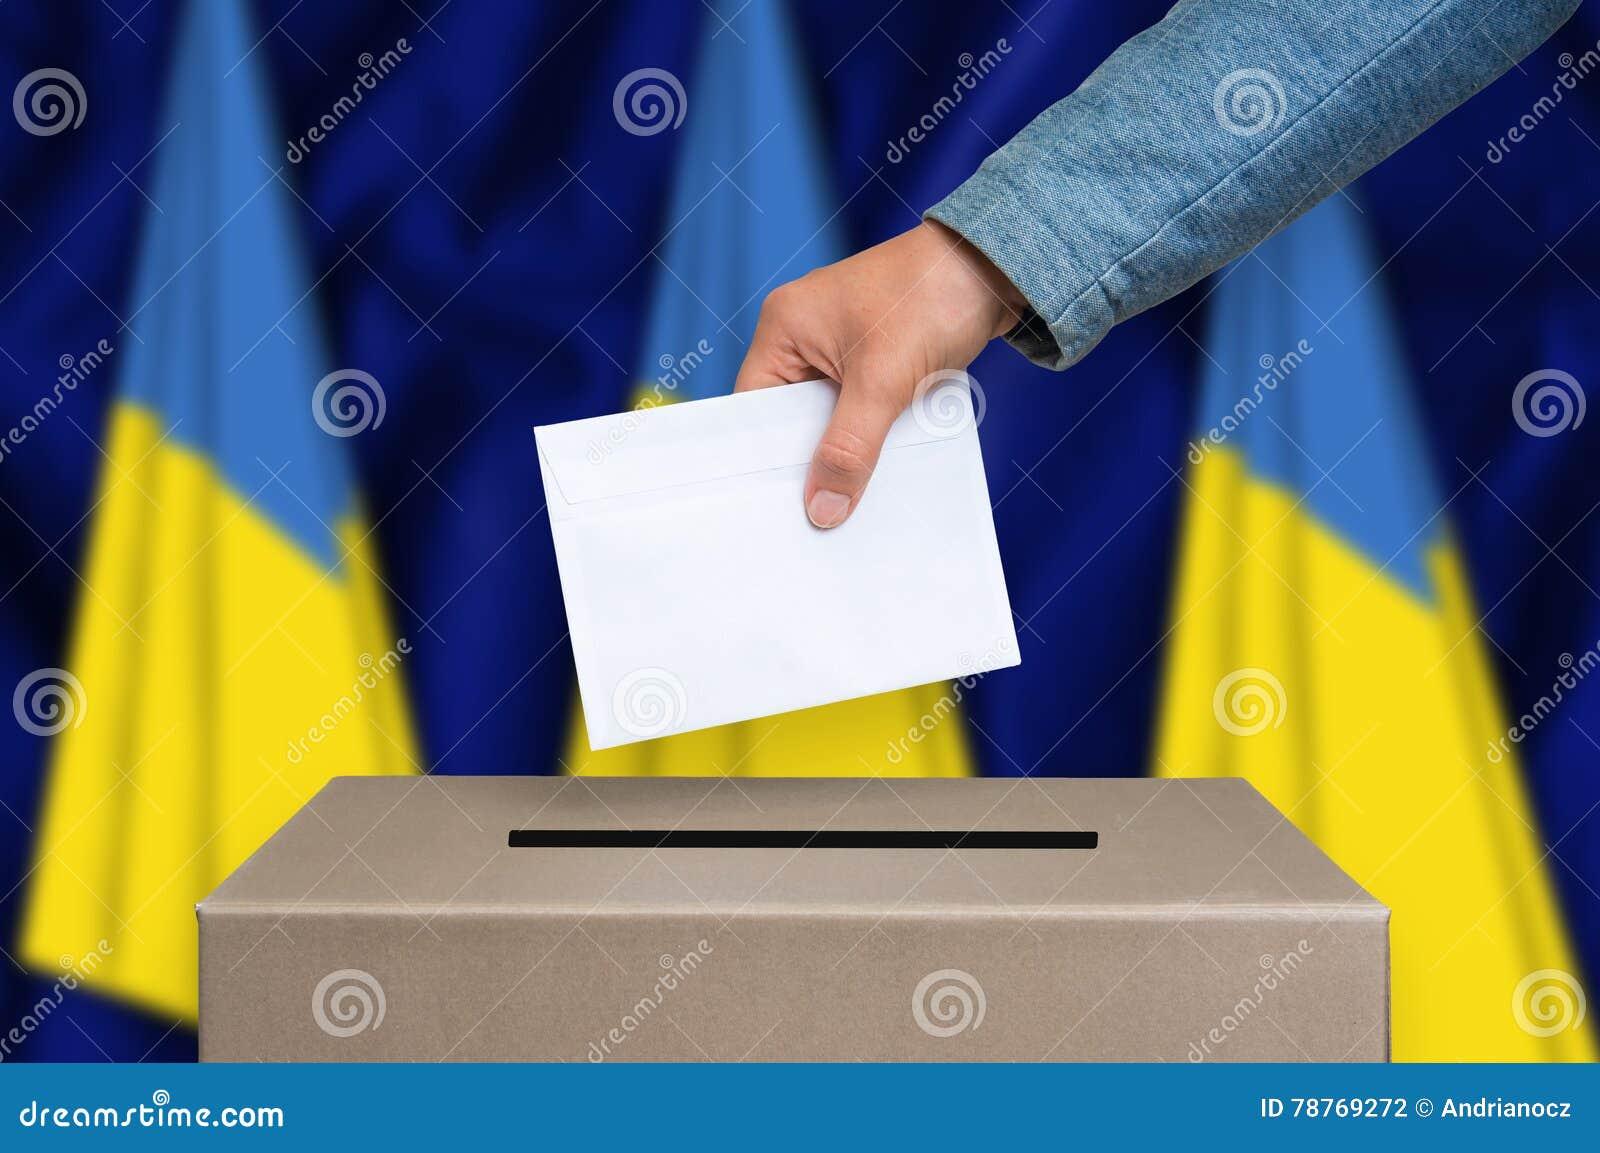 Εκλογή στην Ουκρανία - που ψηφίζει στο κάλπη